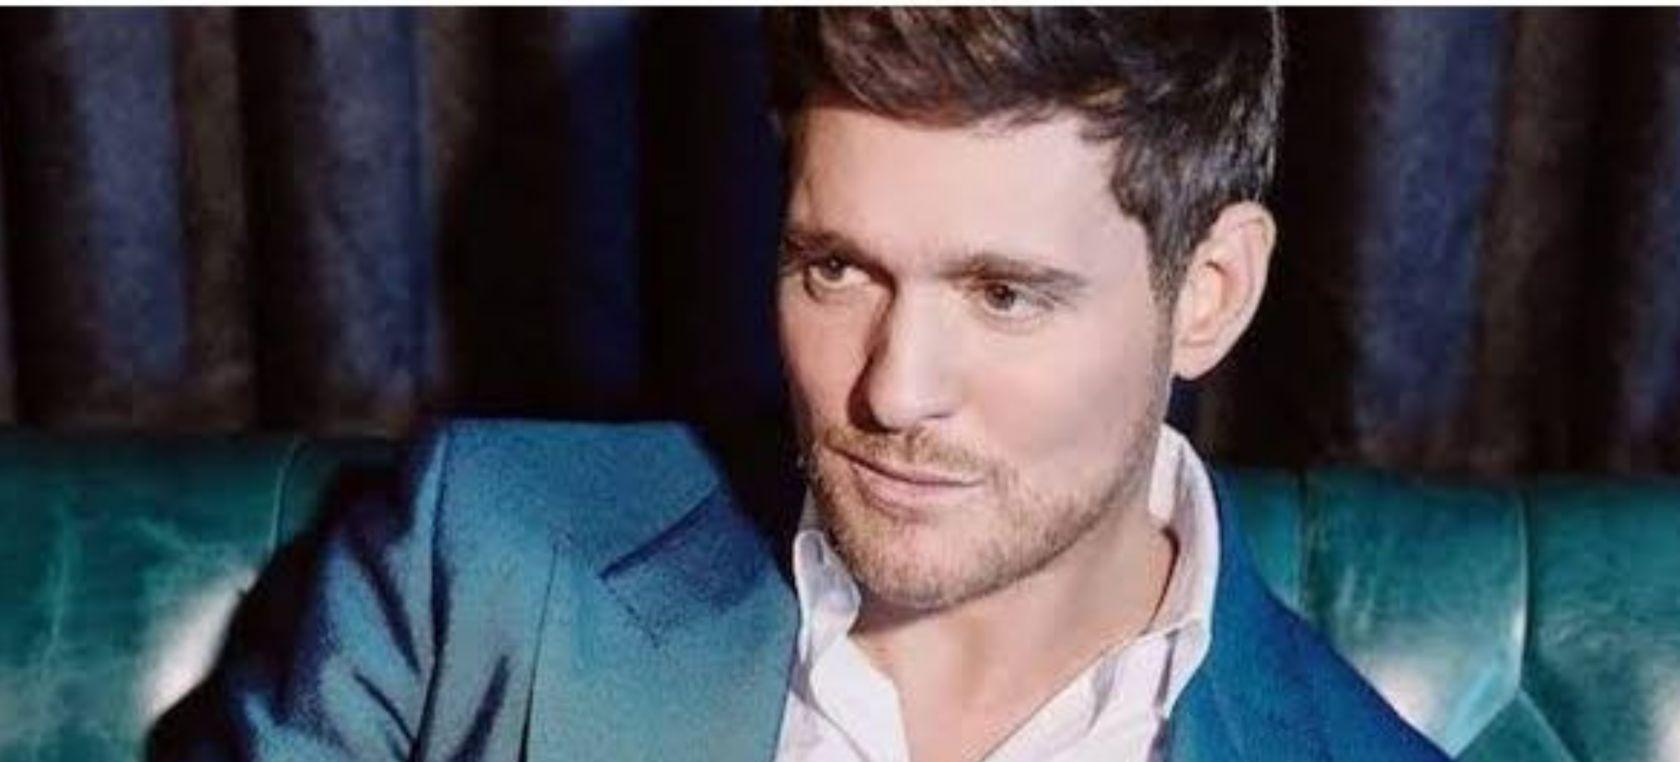 Boletos para Michael Buble en Mexico fechas de Conciertos baratos hasta adelante vip en primera fila